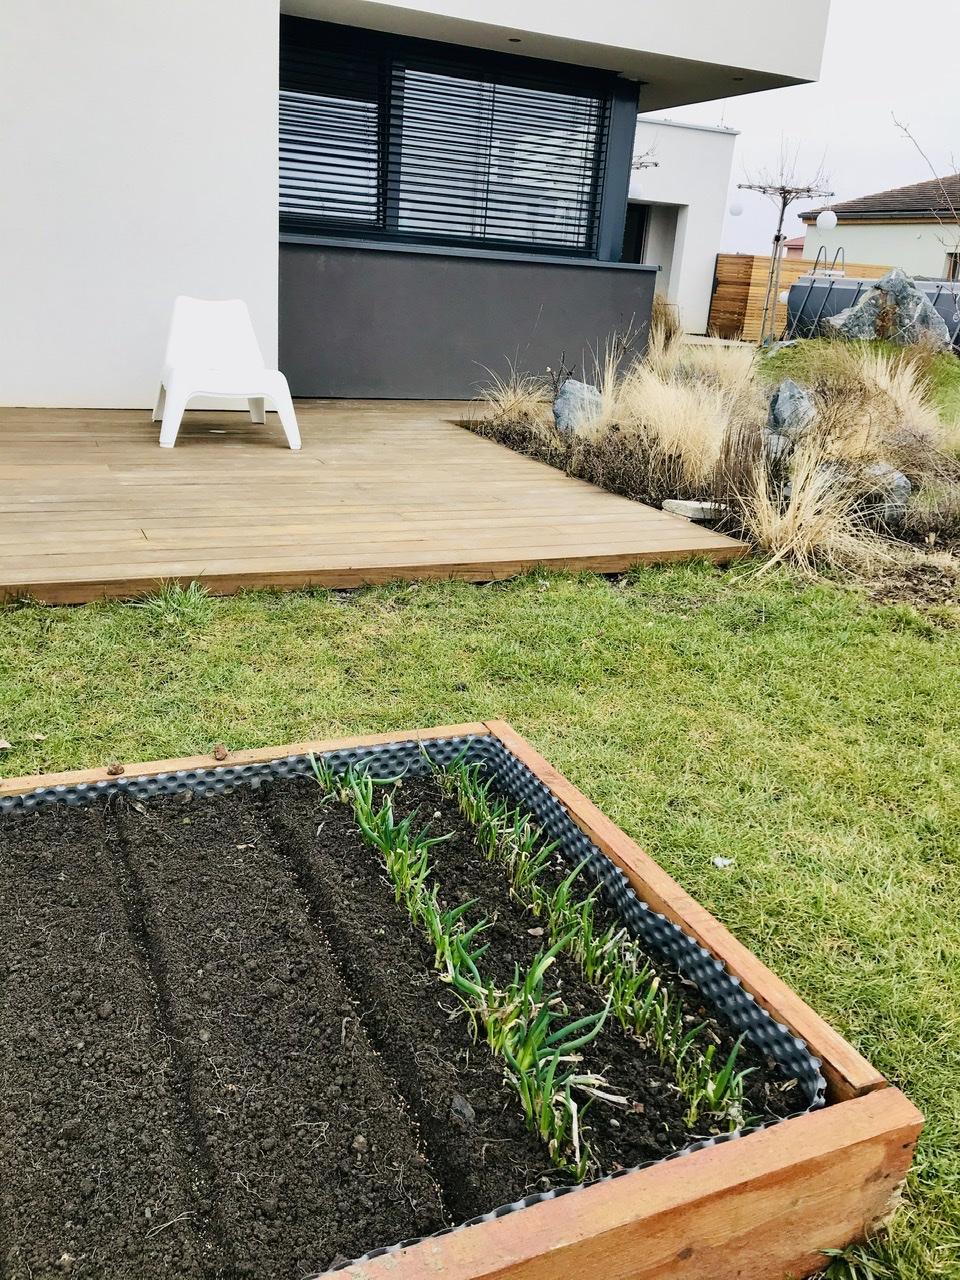 Naše L-ko - 2021 - stále dokončujeme - Mini hriadky u spálňovej terasy tento rok využijem na bylinky do varenia - zasadila som 2 druhy petržlenovych okrasnych vňatí. Očistila 2 ročnú cibulku. Pásik redkoviek a ked bude teplešie miesto redkoviek sem pride bazalka